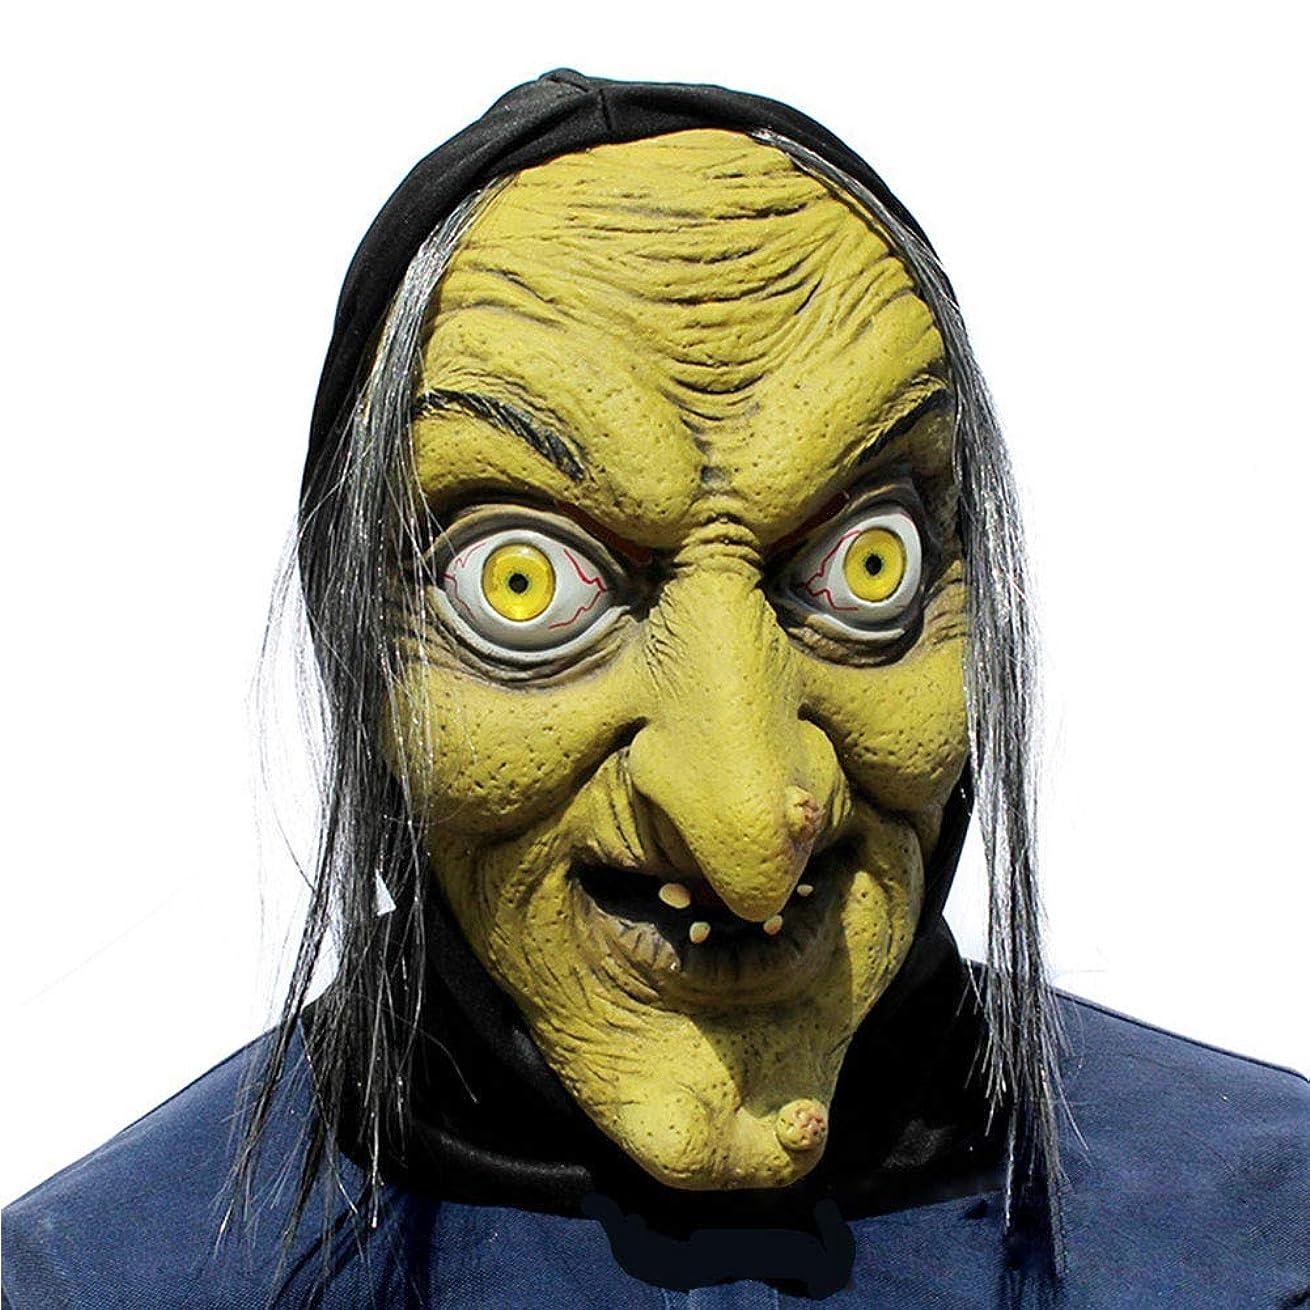 王位小売ぬるいハロウィーンマスク、魔女のラテックスマスク、ハロウィーン、テーマパーティー、カーニバル、レイブパーティー、バー、小道具、映画。